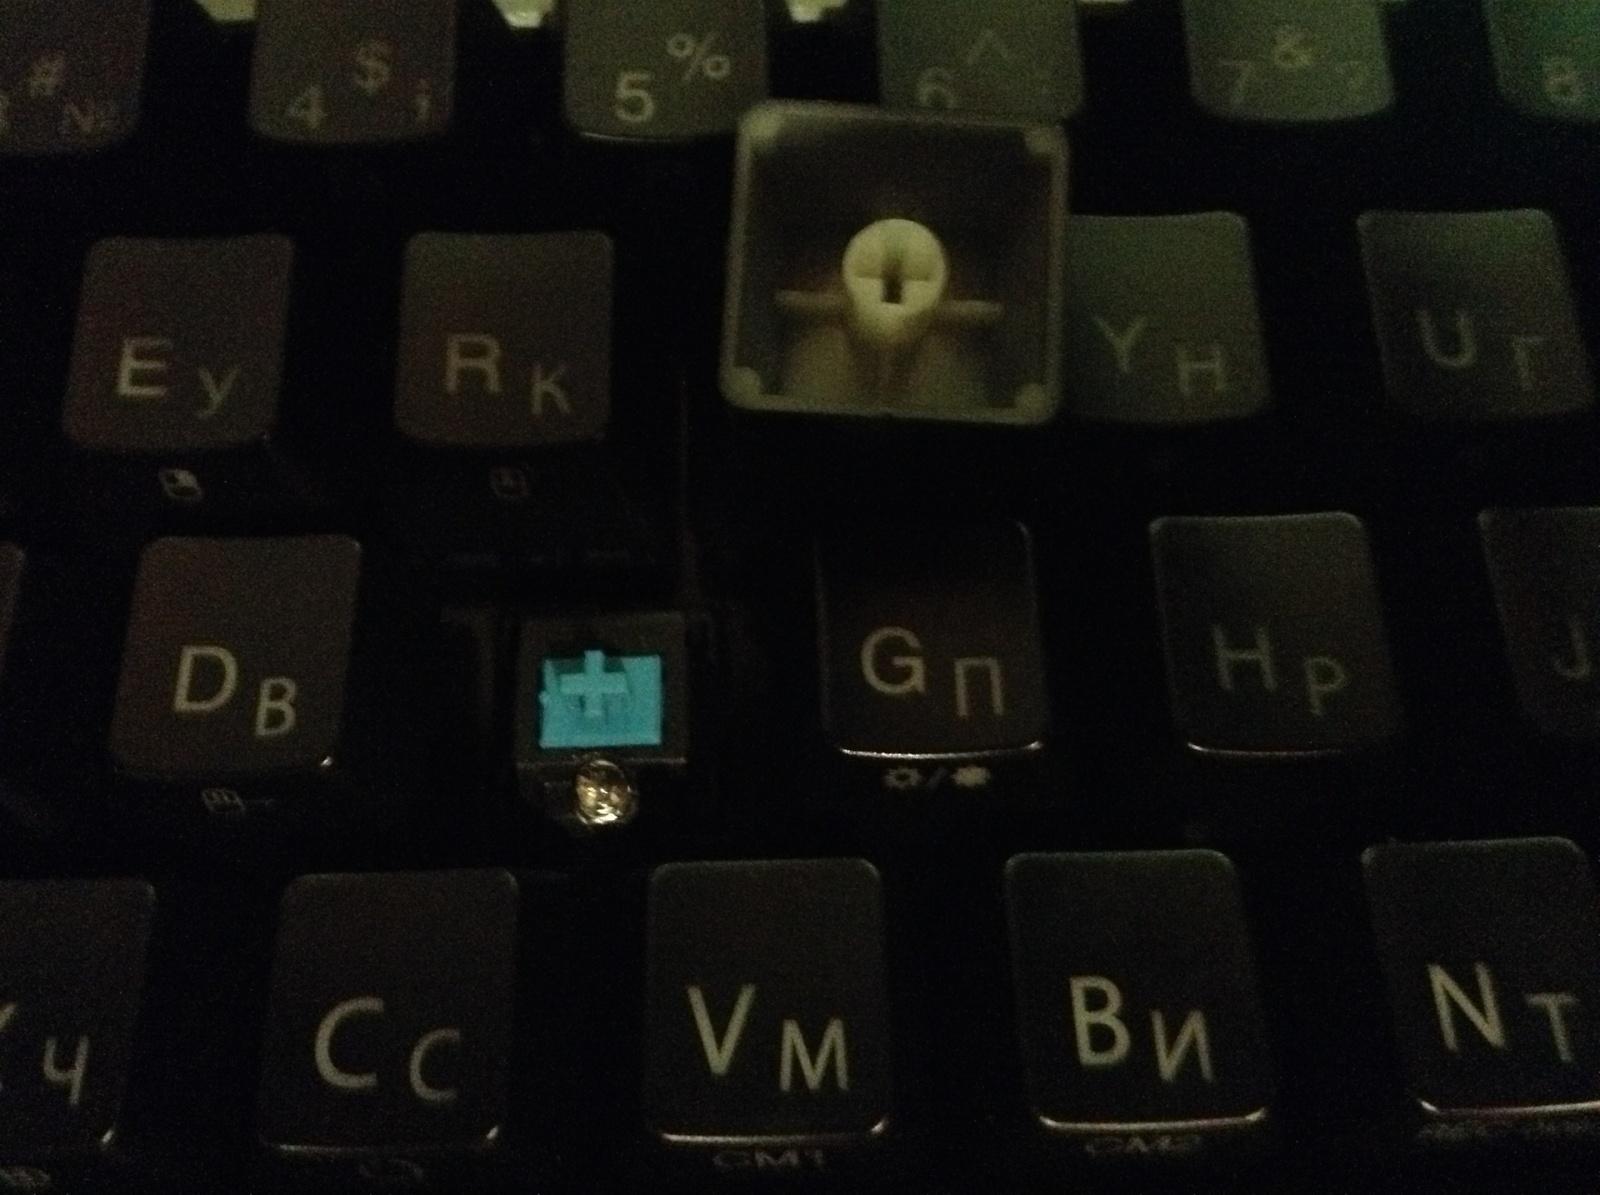 Обзор мини-клавиатуры Ducky Mini - 15